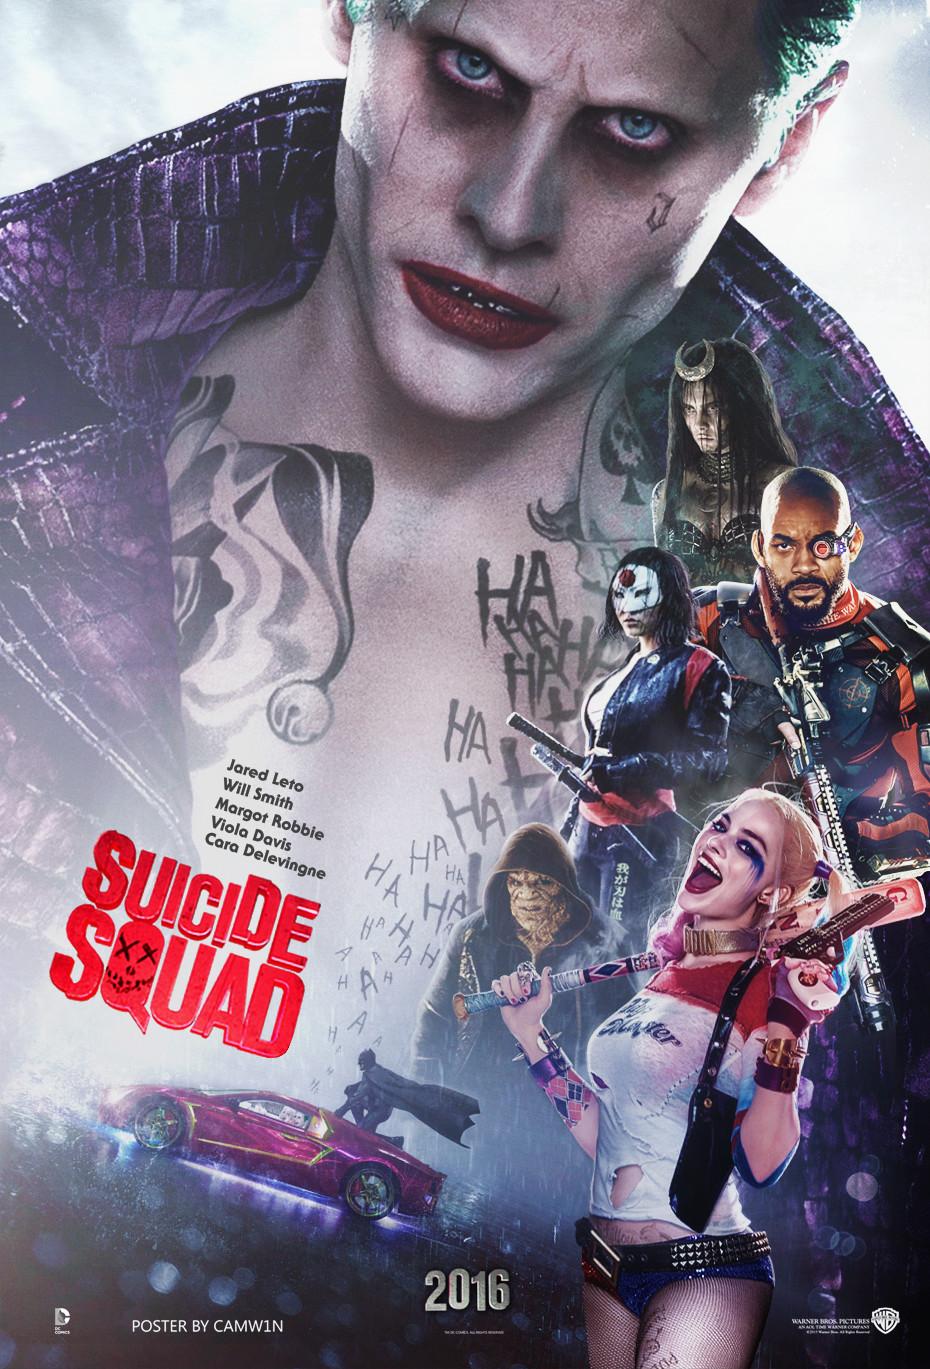 デヴィッド・エアー監督(「フューリー」2014年)の悪役大集合のコミックヒーロー映画「スーサイド・スクワッド」(2016年8月5日全米公開)が、これまでにリリースした